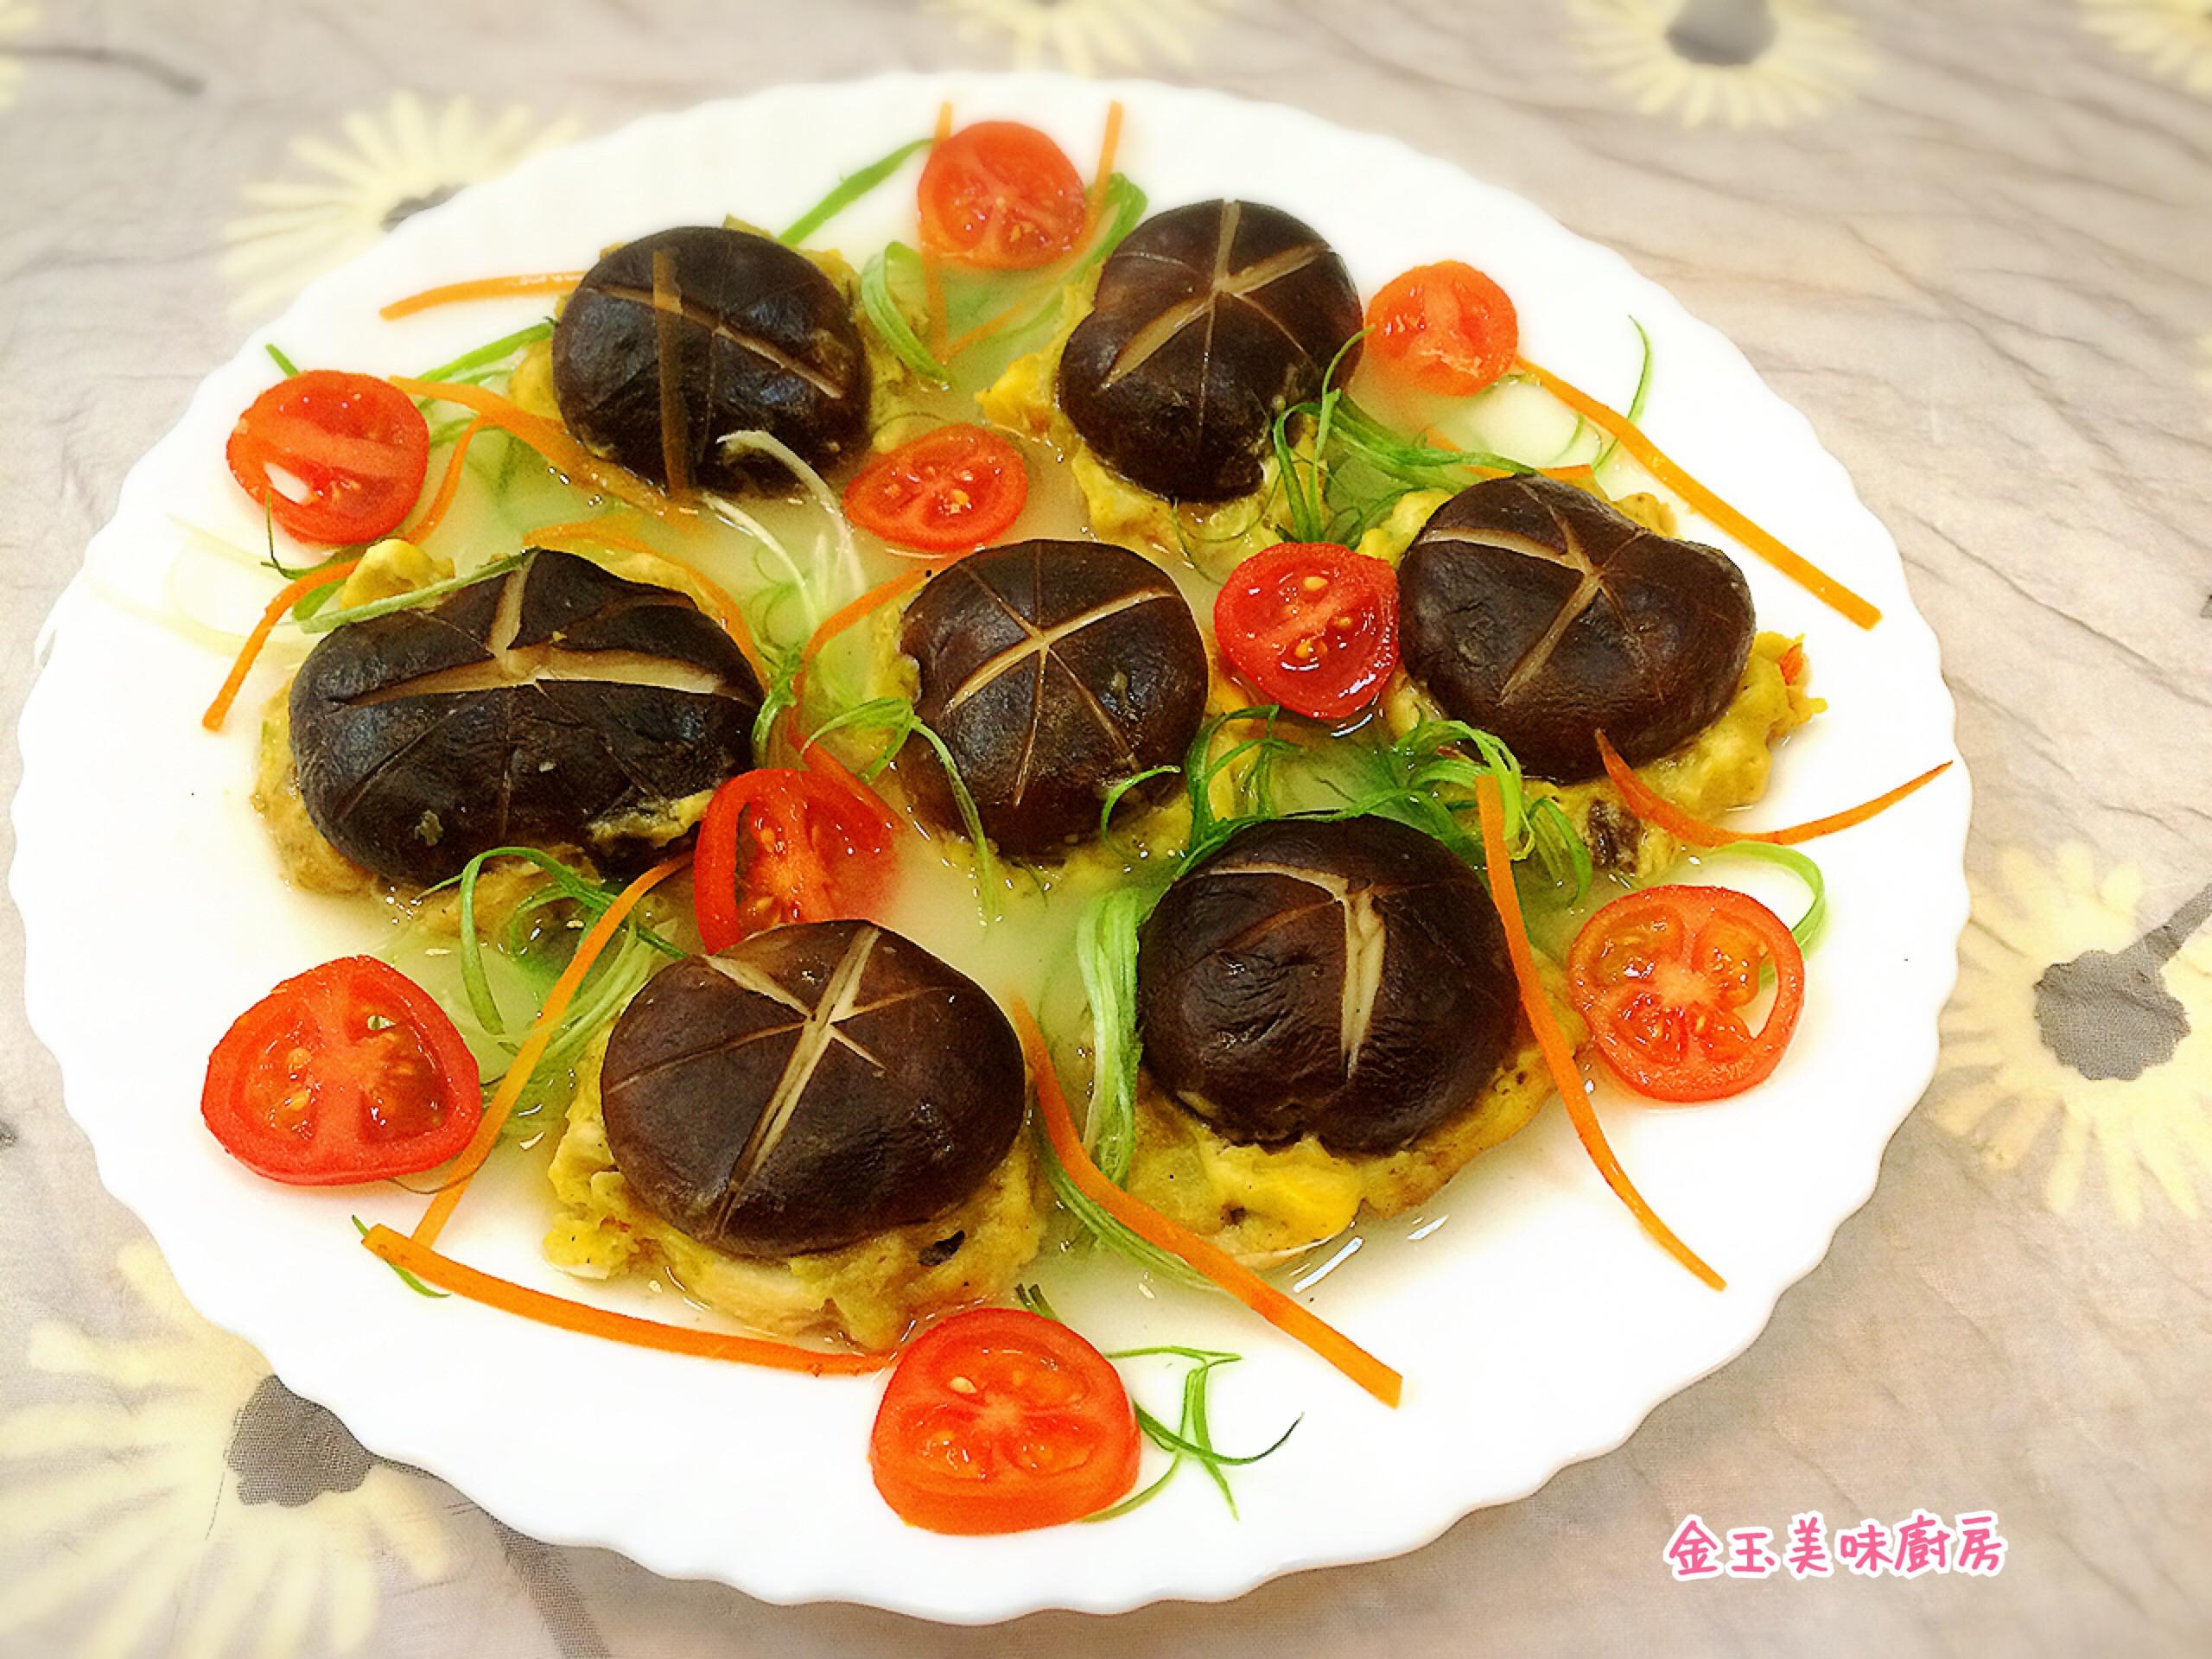 煙火香菇慶佳節[全聯料理王大賽]電鍋烹調